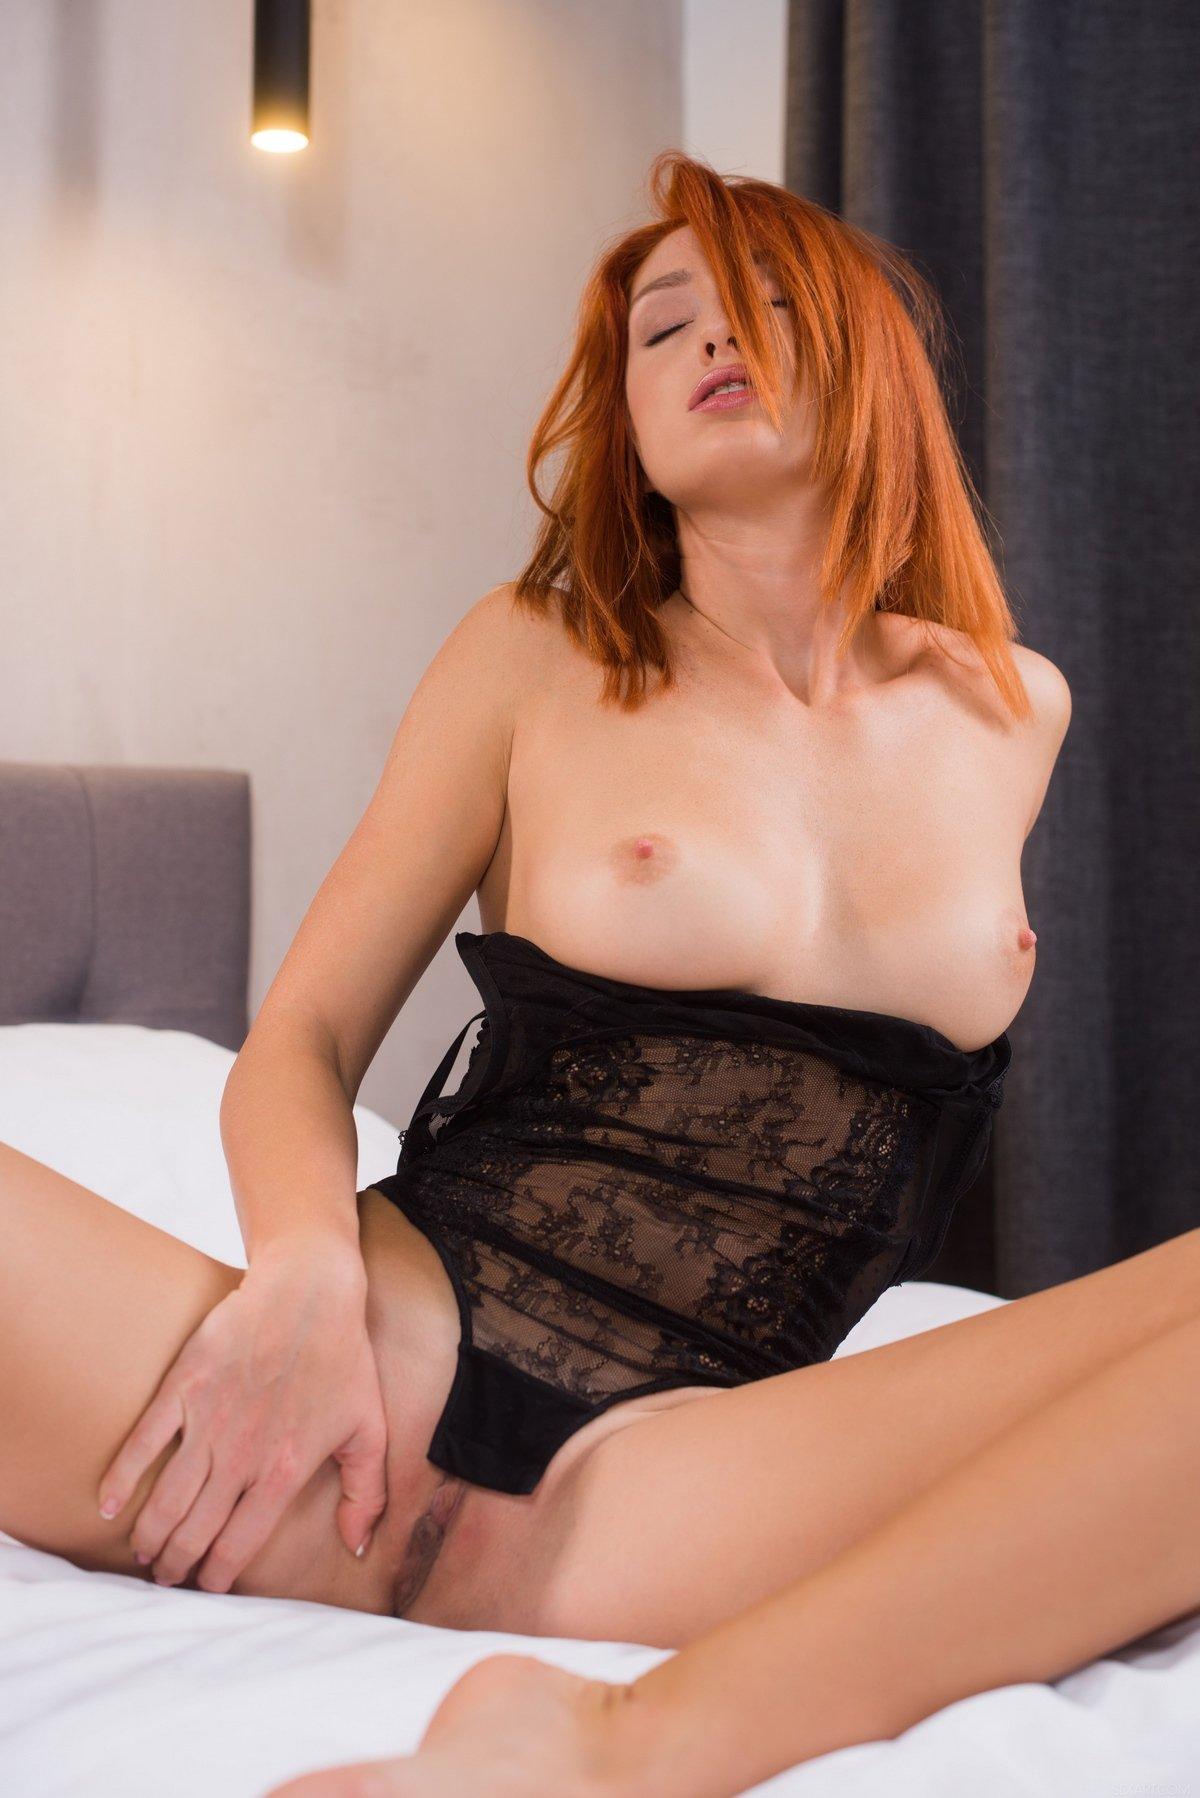 Чувственные фото рыжей телки в черном кружевном боди секс фото